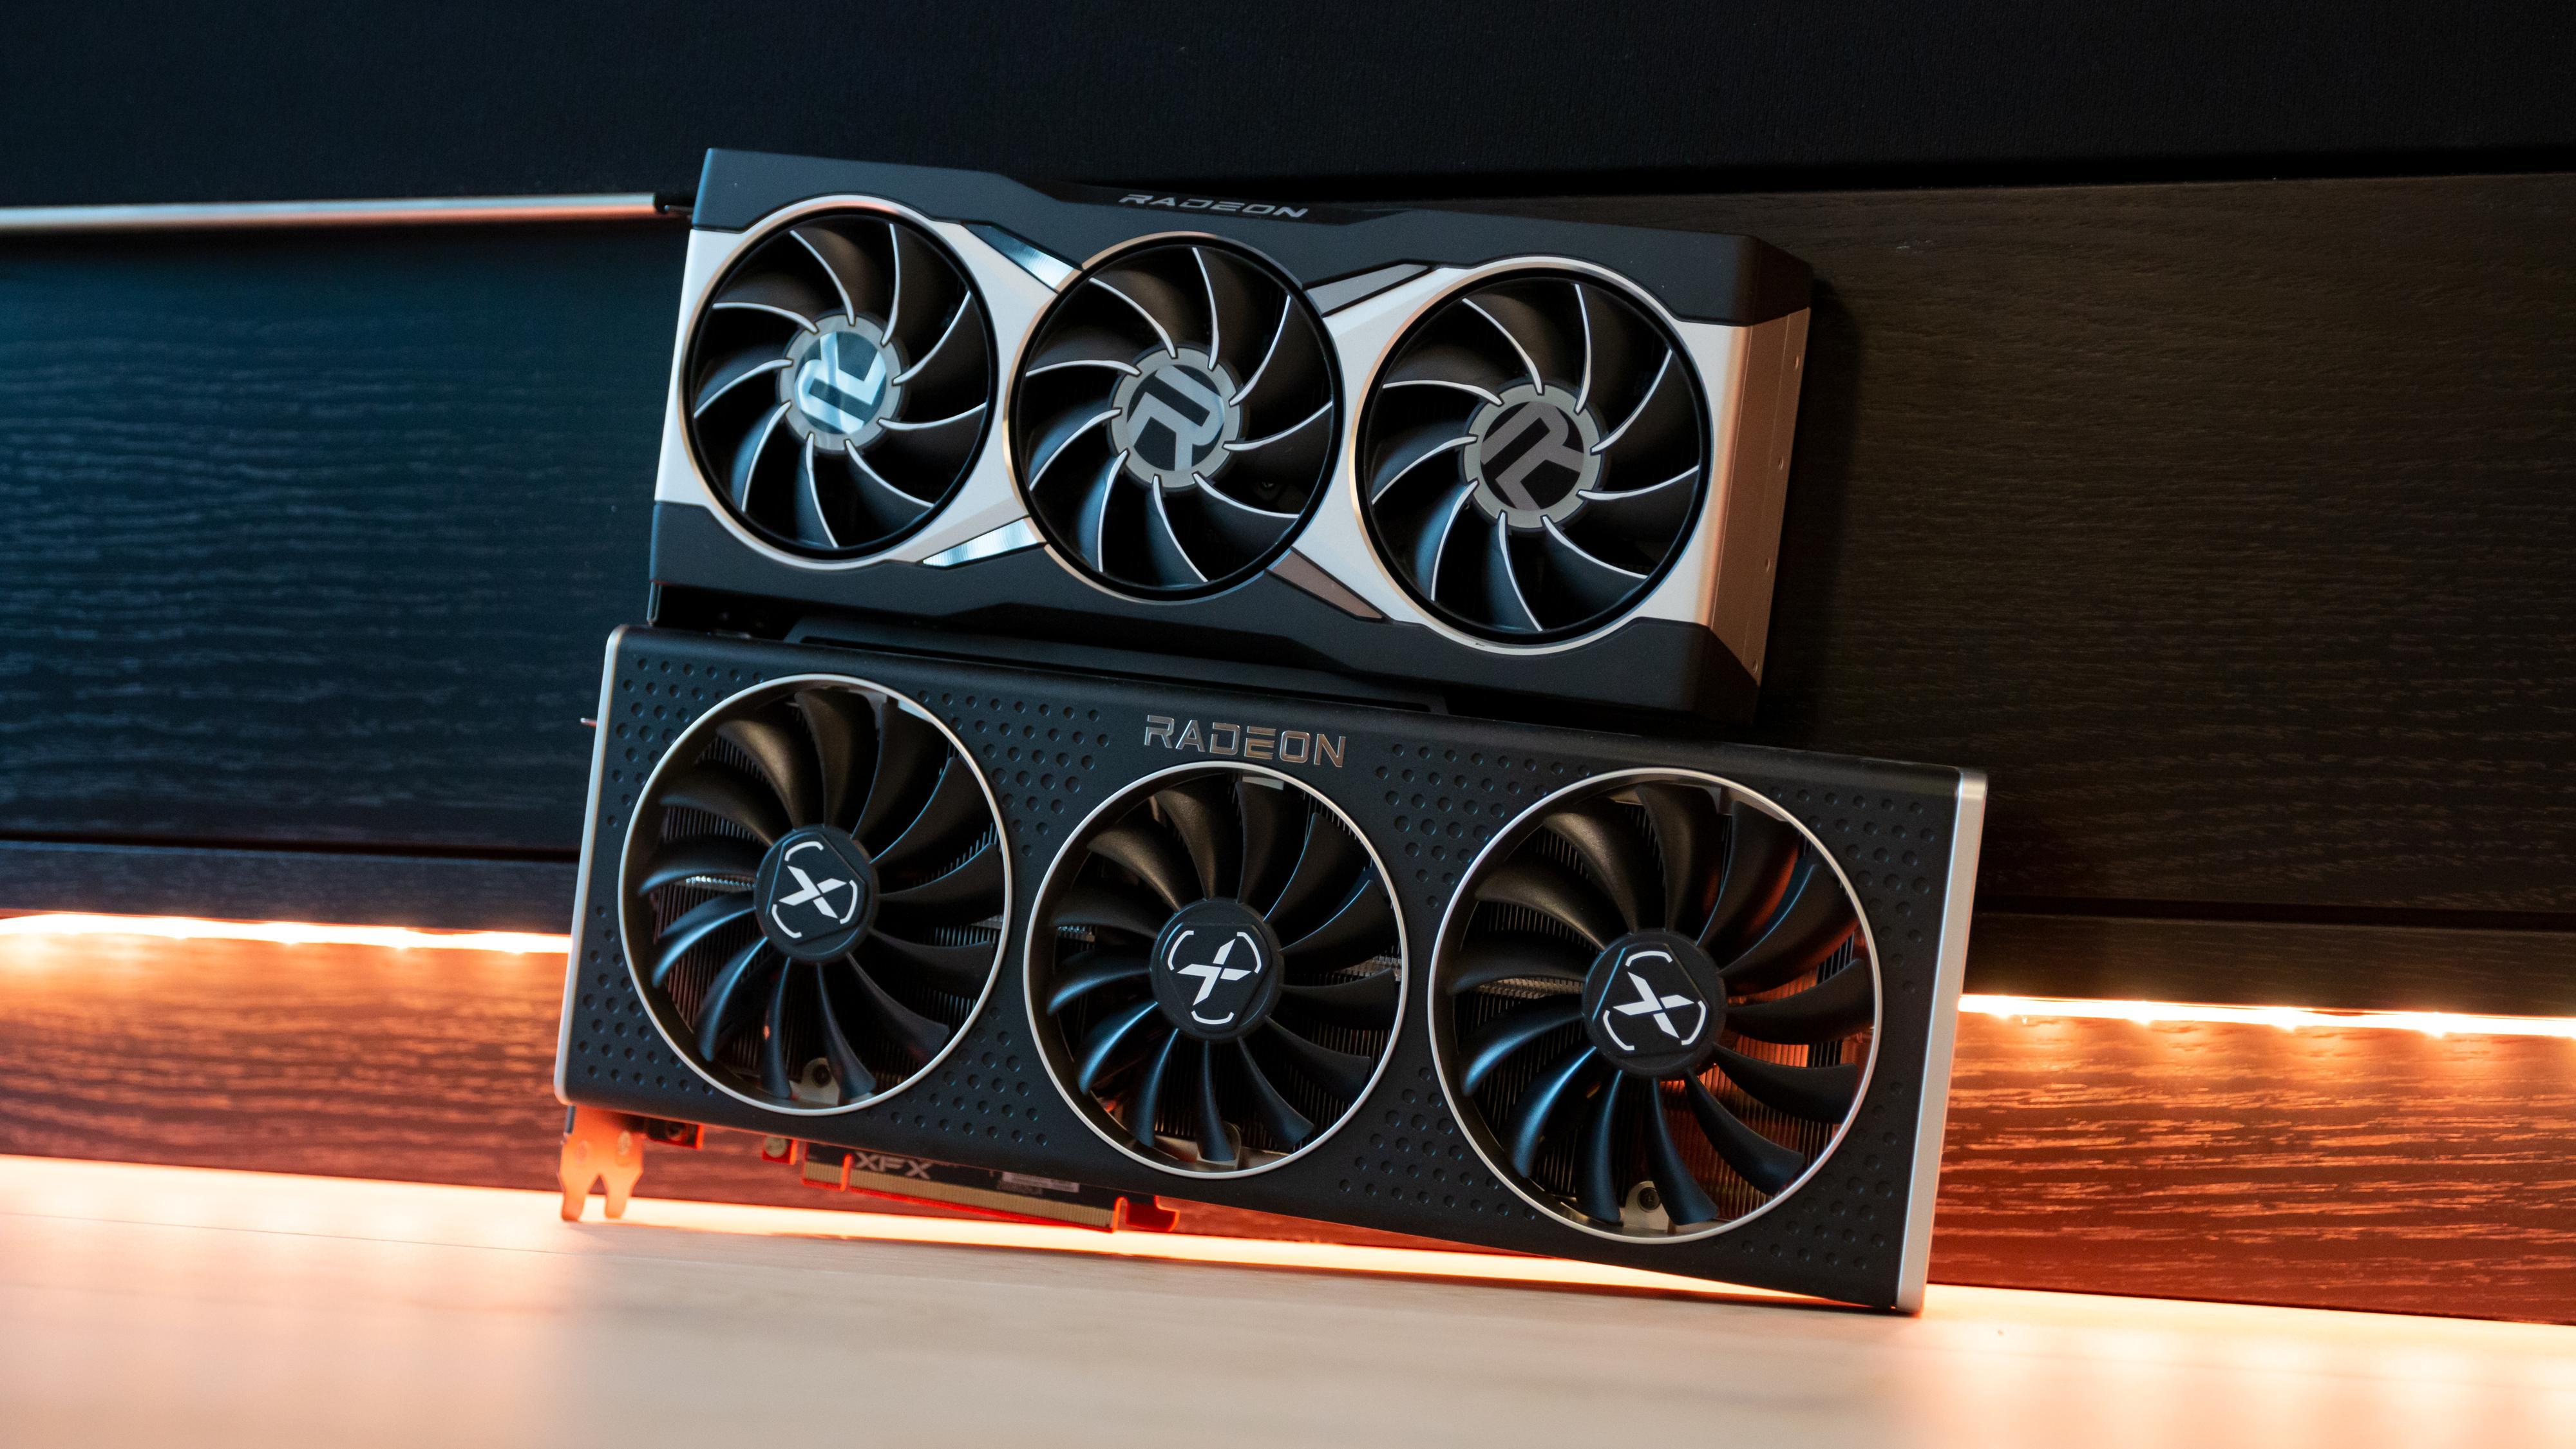 XFX RX 6800 XT Speedster MERC 319 er større, kjøligere og råere enn AMDs referansedesign.